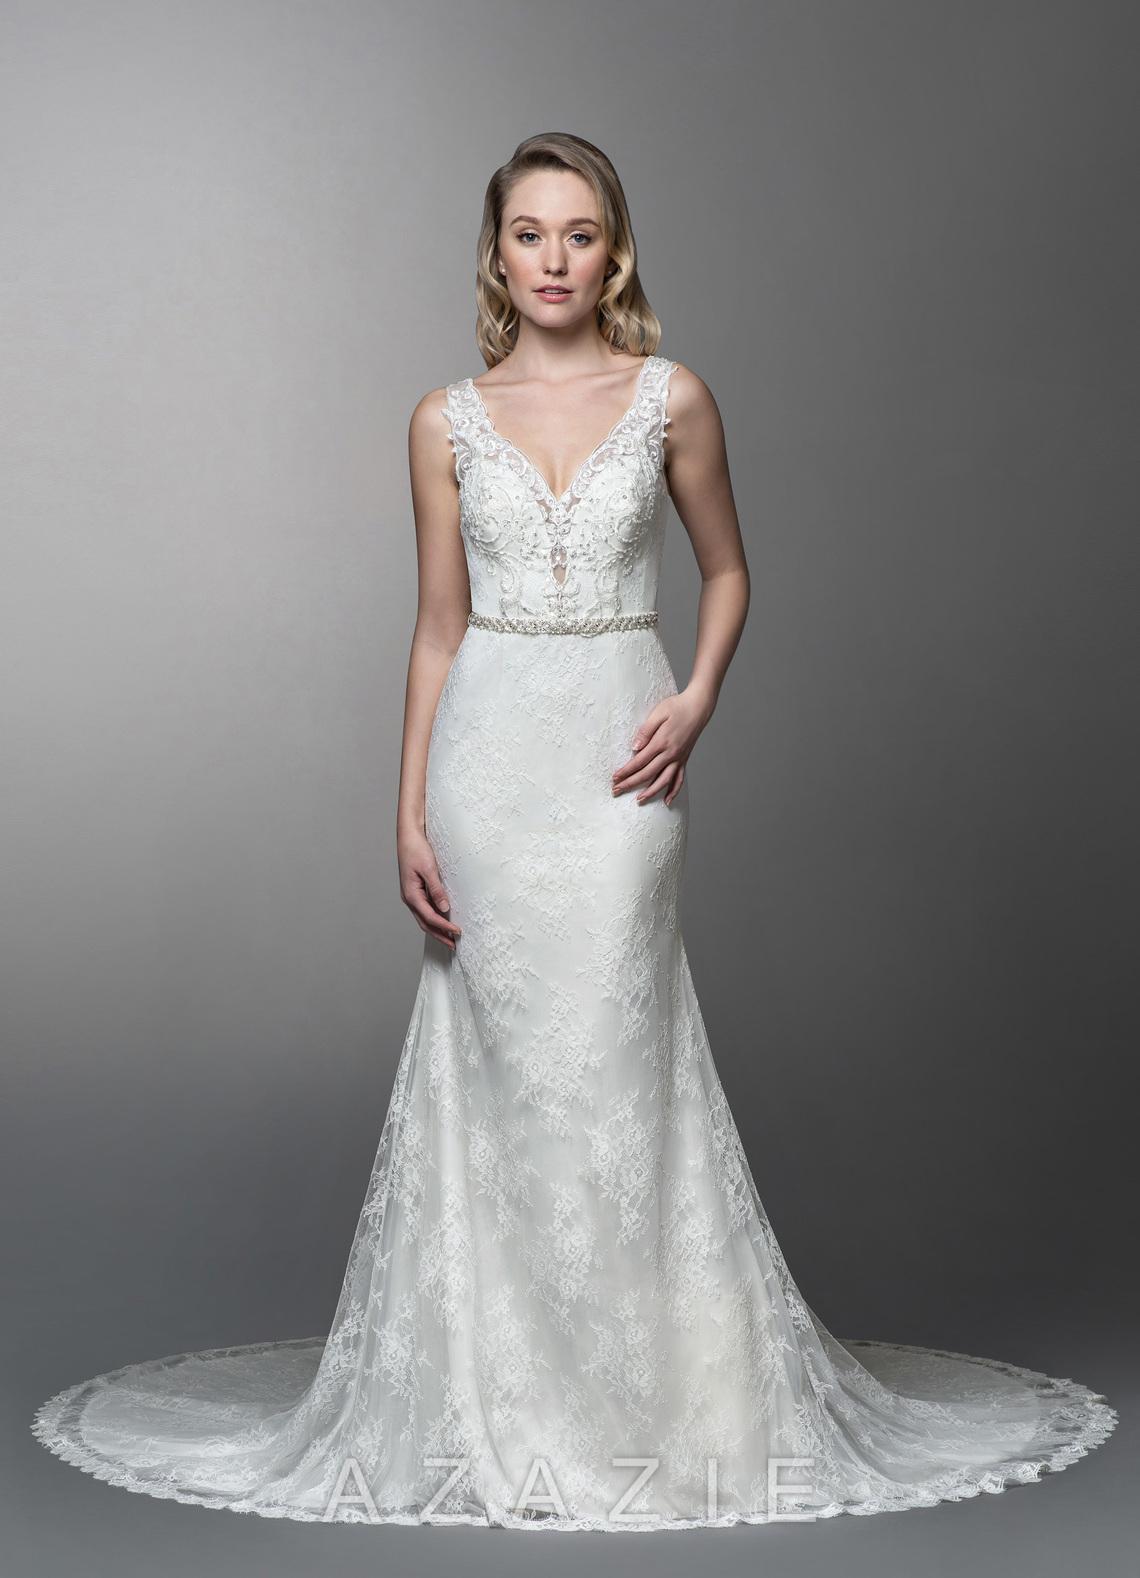 70b05938bd6 Azazie Herminia BG Wedding Dress